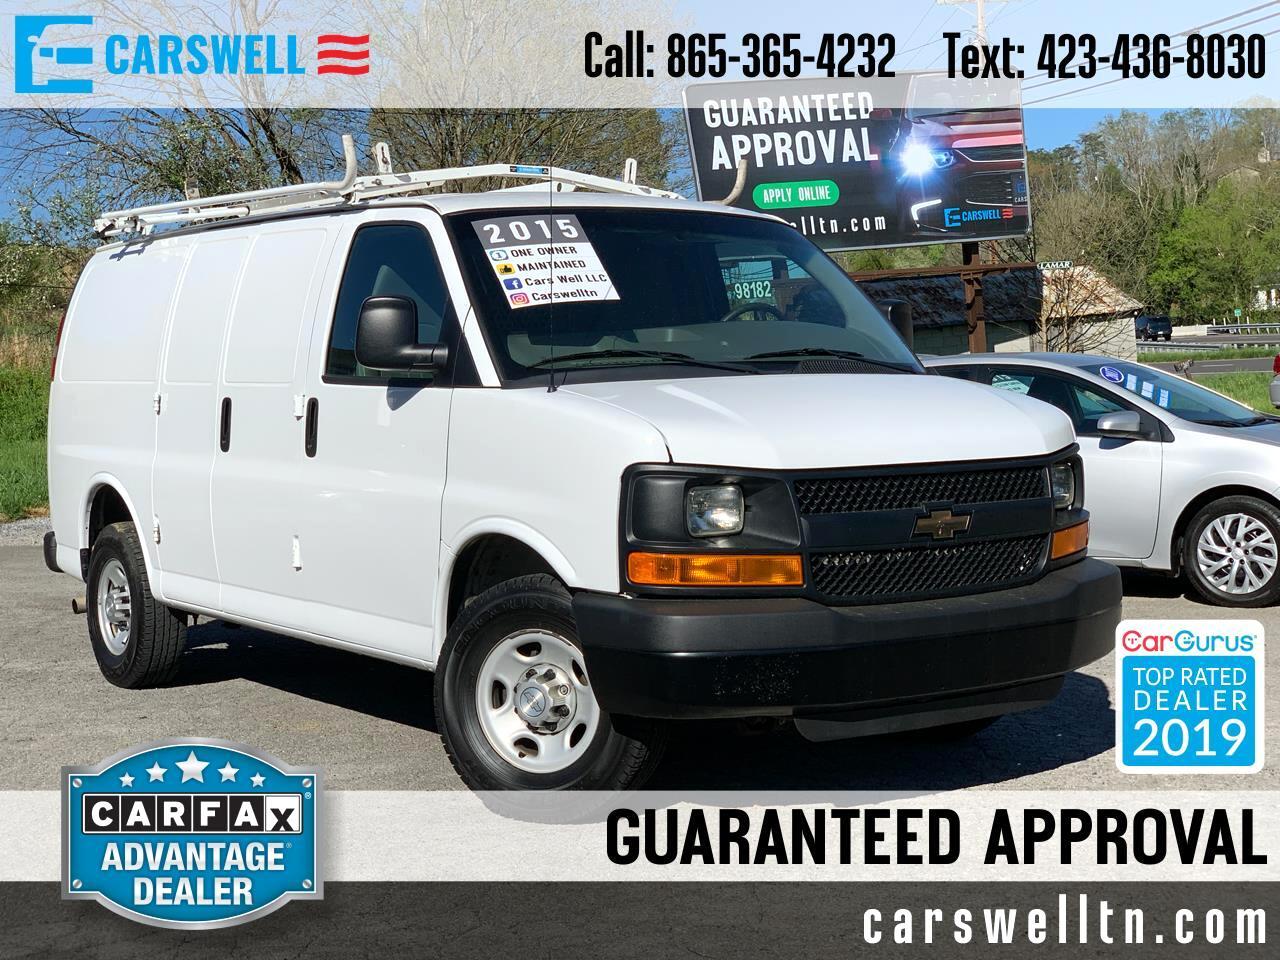 2015 Chevrolet Express Cargo Van RWD 2500 135